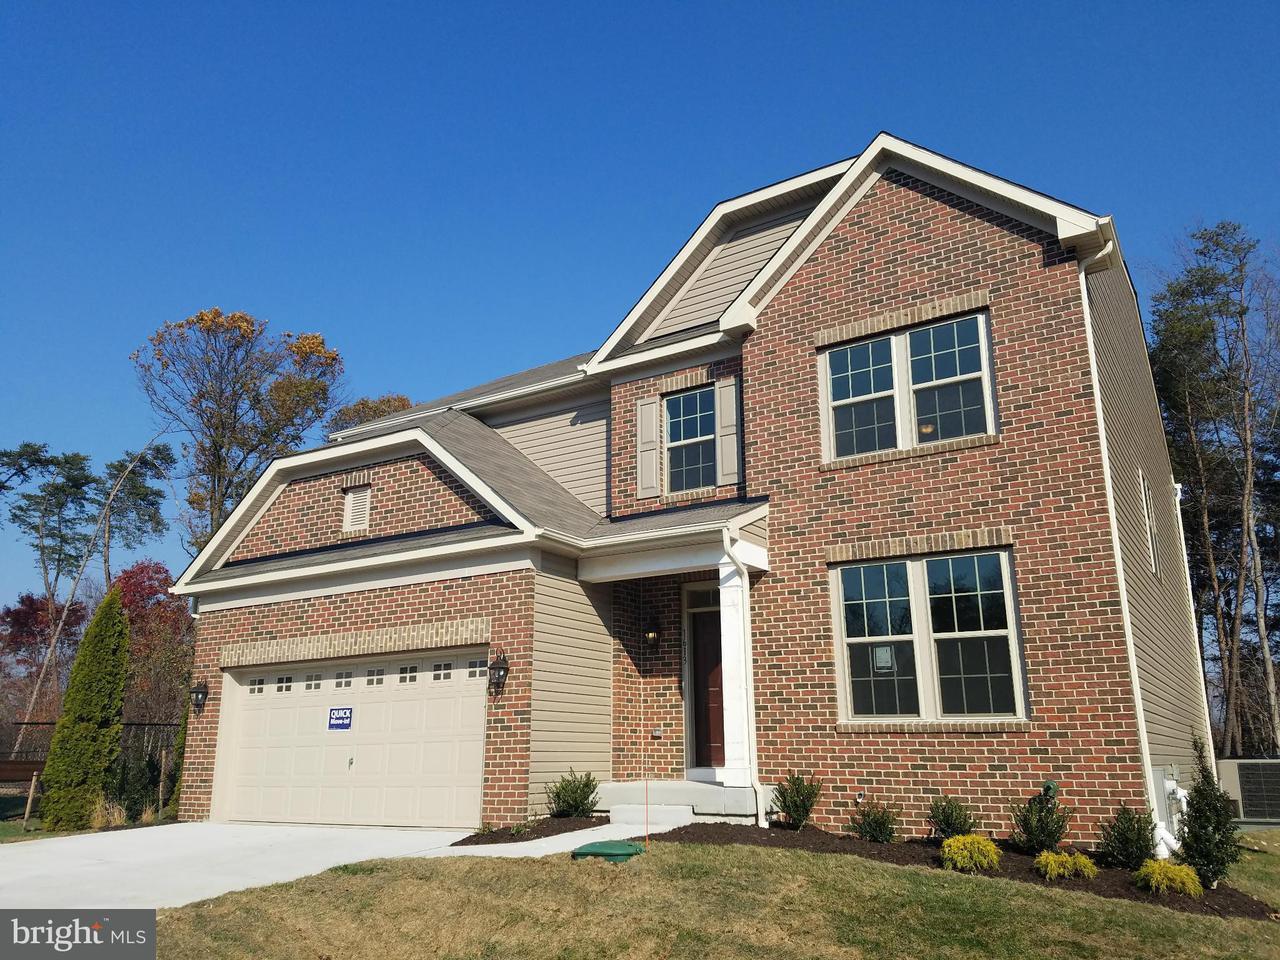 Single Family Home for Sale at 1640 Hekla Lane 1640 Hekla Lane Harmans, Maryland 21077 United States